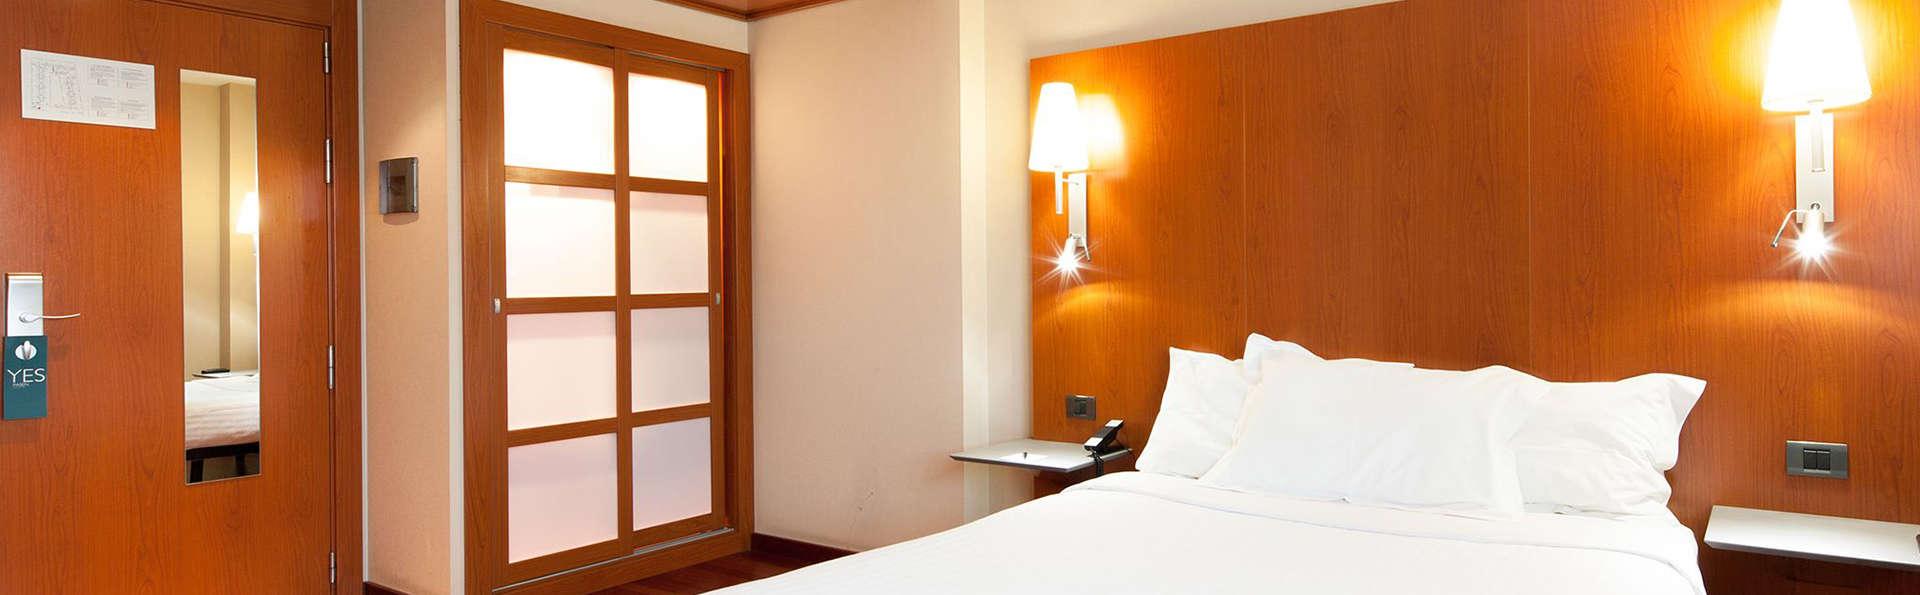 Hotel Ciutat Martorell - EDIT_room.jpg